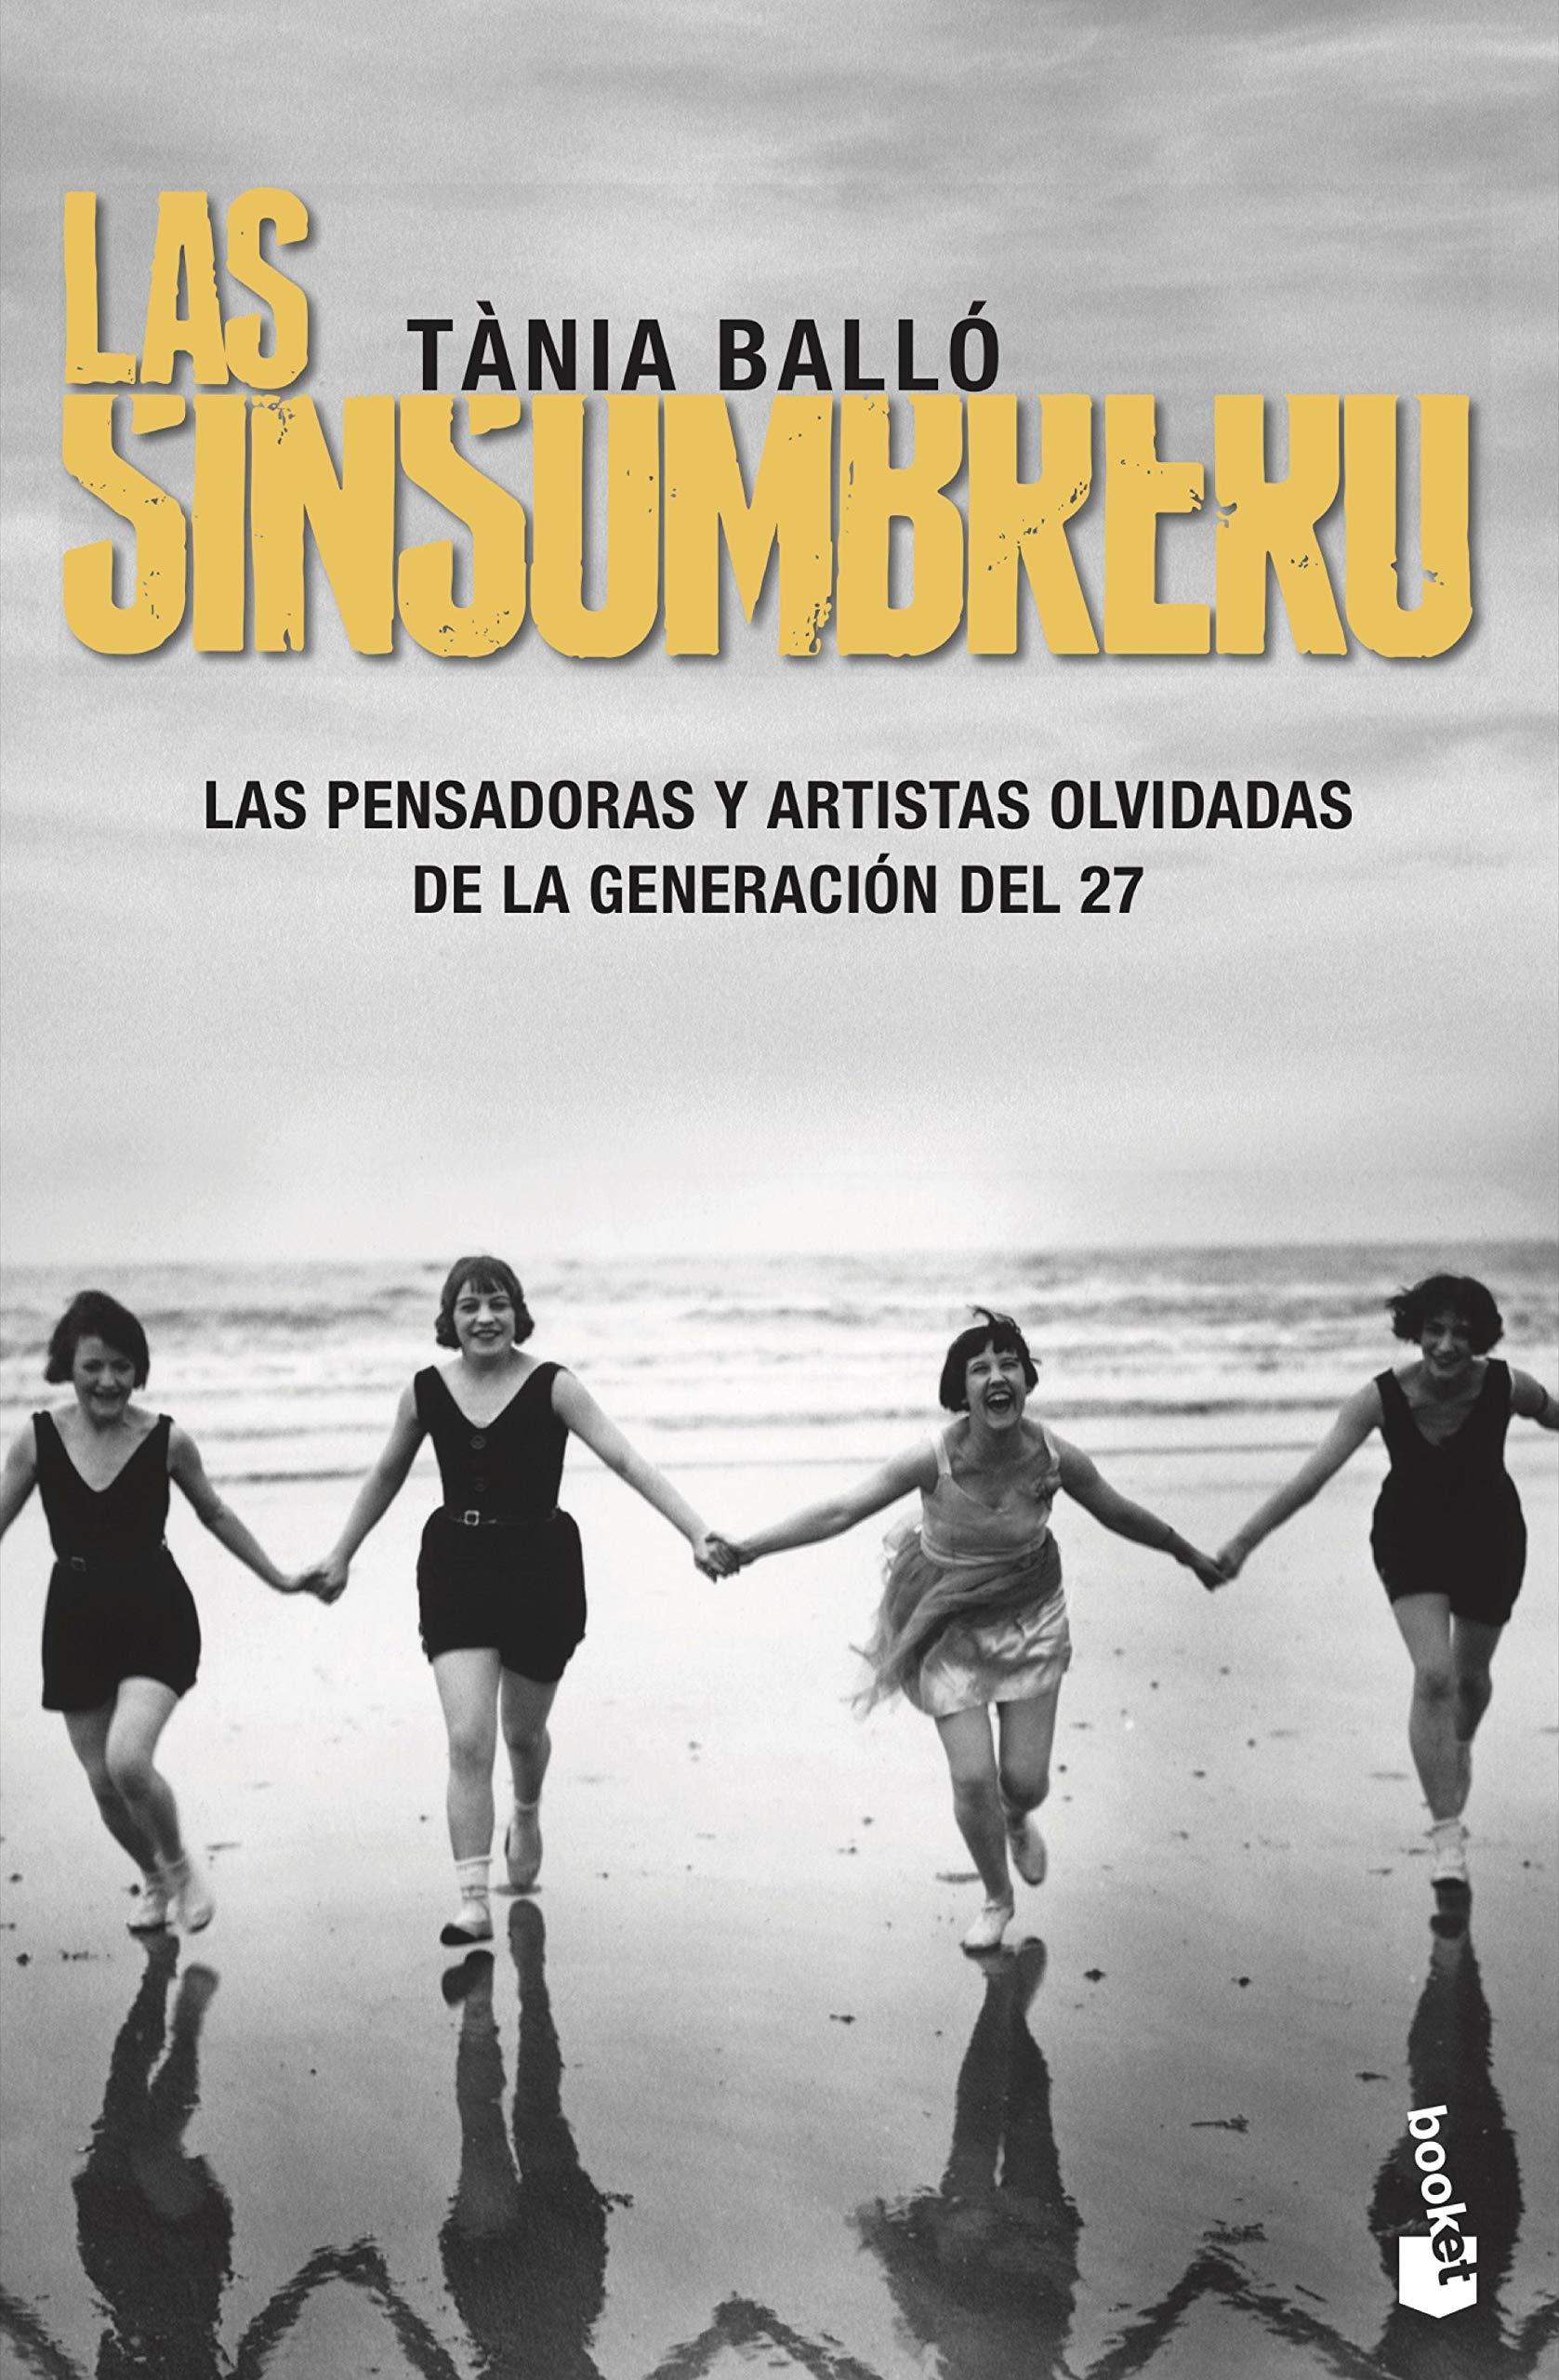 Las Sinsombrero: Sin ellas, la historia no está completa Divulgación: Amazon.es: Balló, Tània: Libros